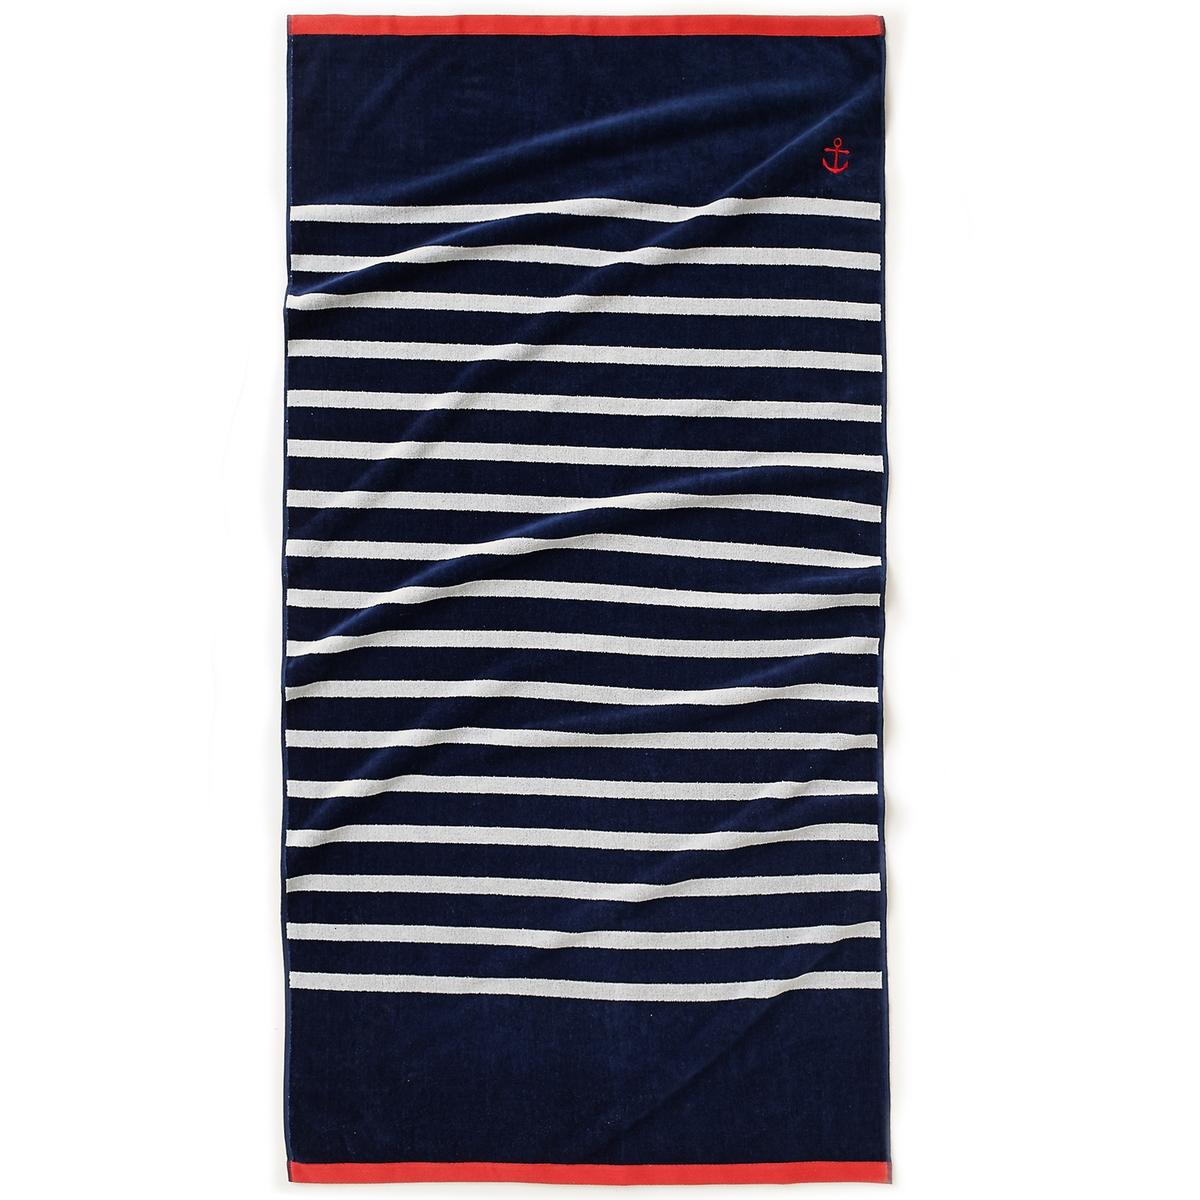 Полотенце пляжное в морском стиле, 100% хлопкаПолотенце пляжное в морском стиле. Голубой, белый, красный - пляжное полотенце демонстрирует свои цвета, полоски и контрастную окантовку! Оно также привлекает нас своей очаровательной вышивкой якорь, прекрасным качеством и своей впитывающей способностью: 1 сторона из махрового велюра, 1 - из махровой ткани букле.Состав и описание.Материал: 100% хлопка жаккарда, 500 г/м?.Размер: 90 x 175 см.Марка: La Redoute Int?rieurs.Уход: стирать при 40°C.<br><br>Цвет: синий/ белый<br>Размер: единый размер